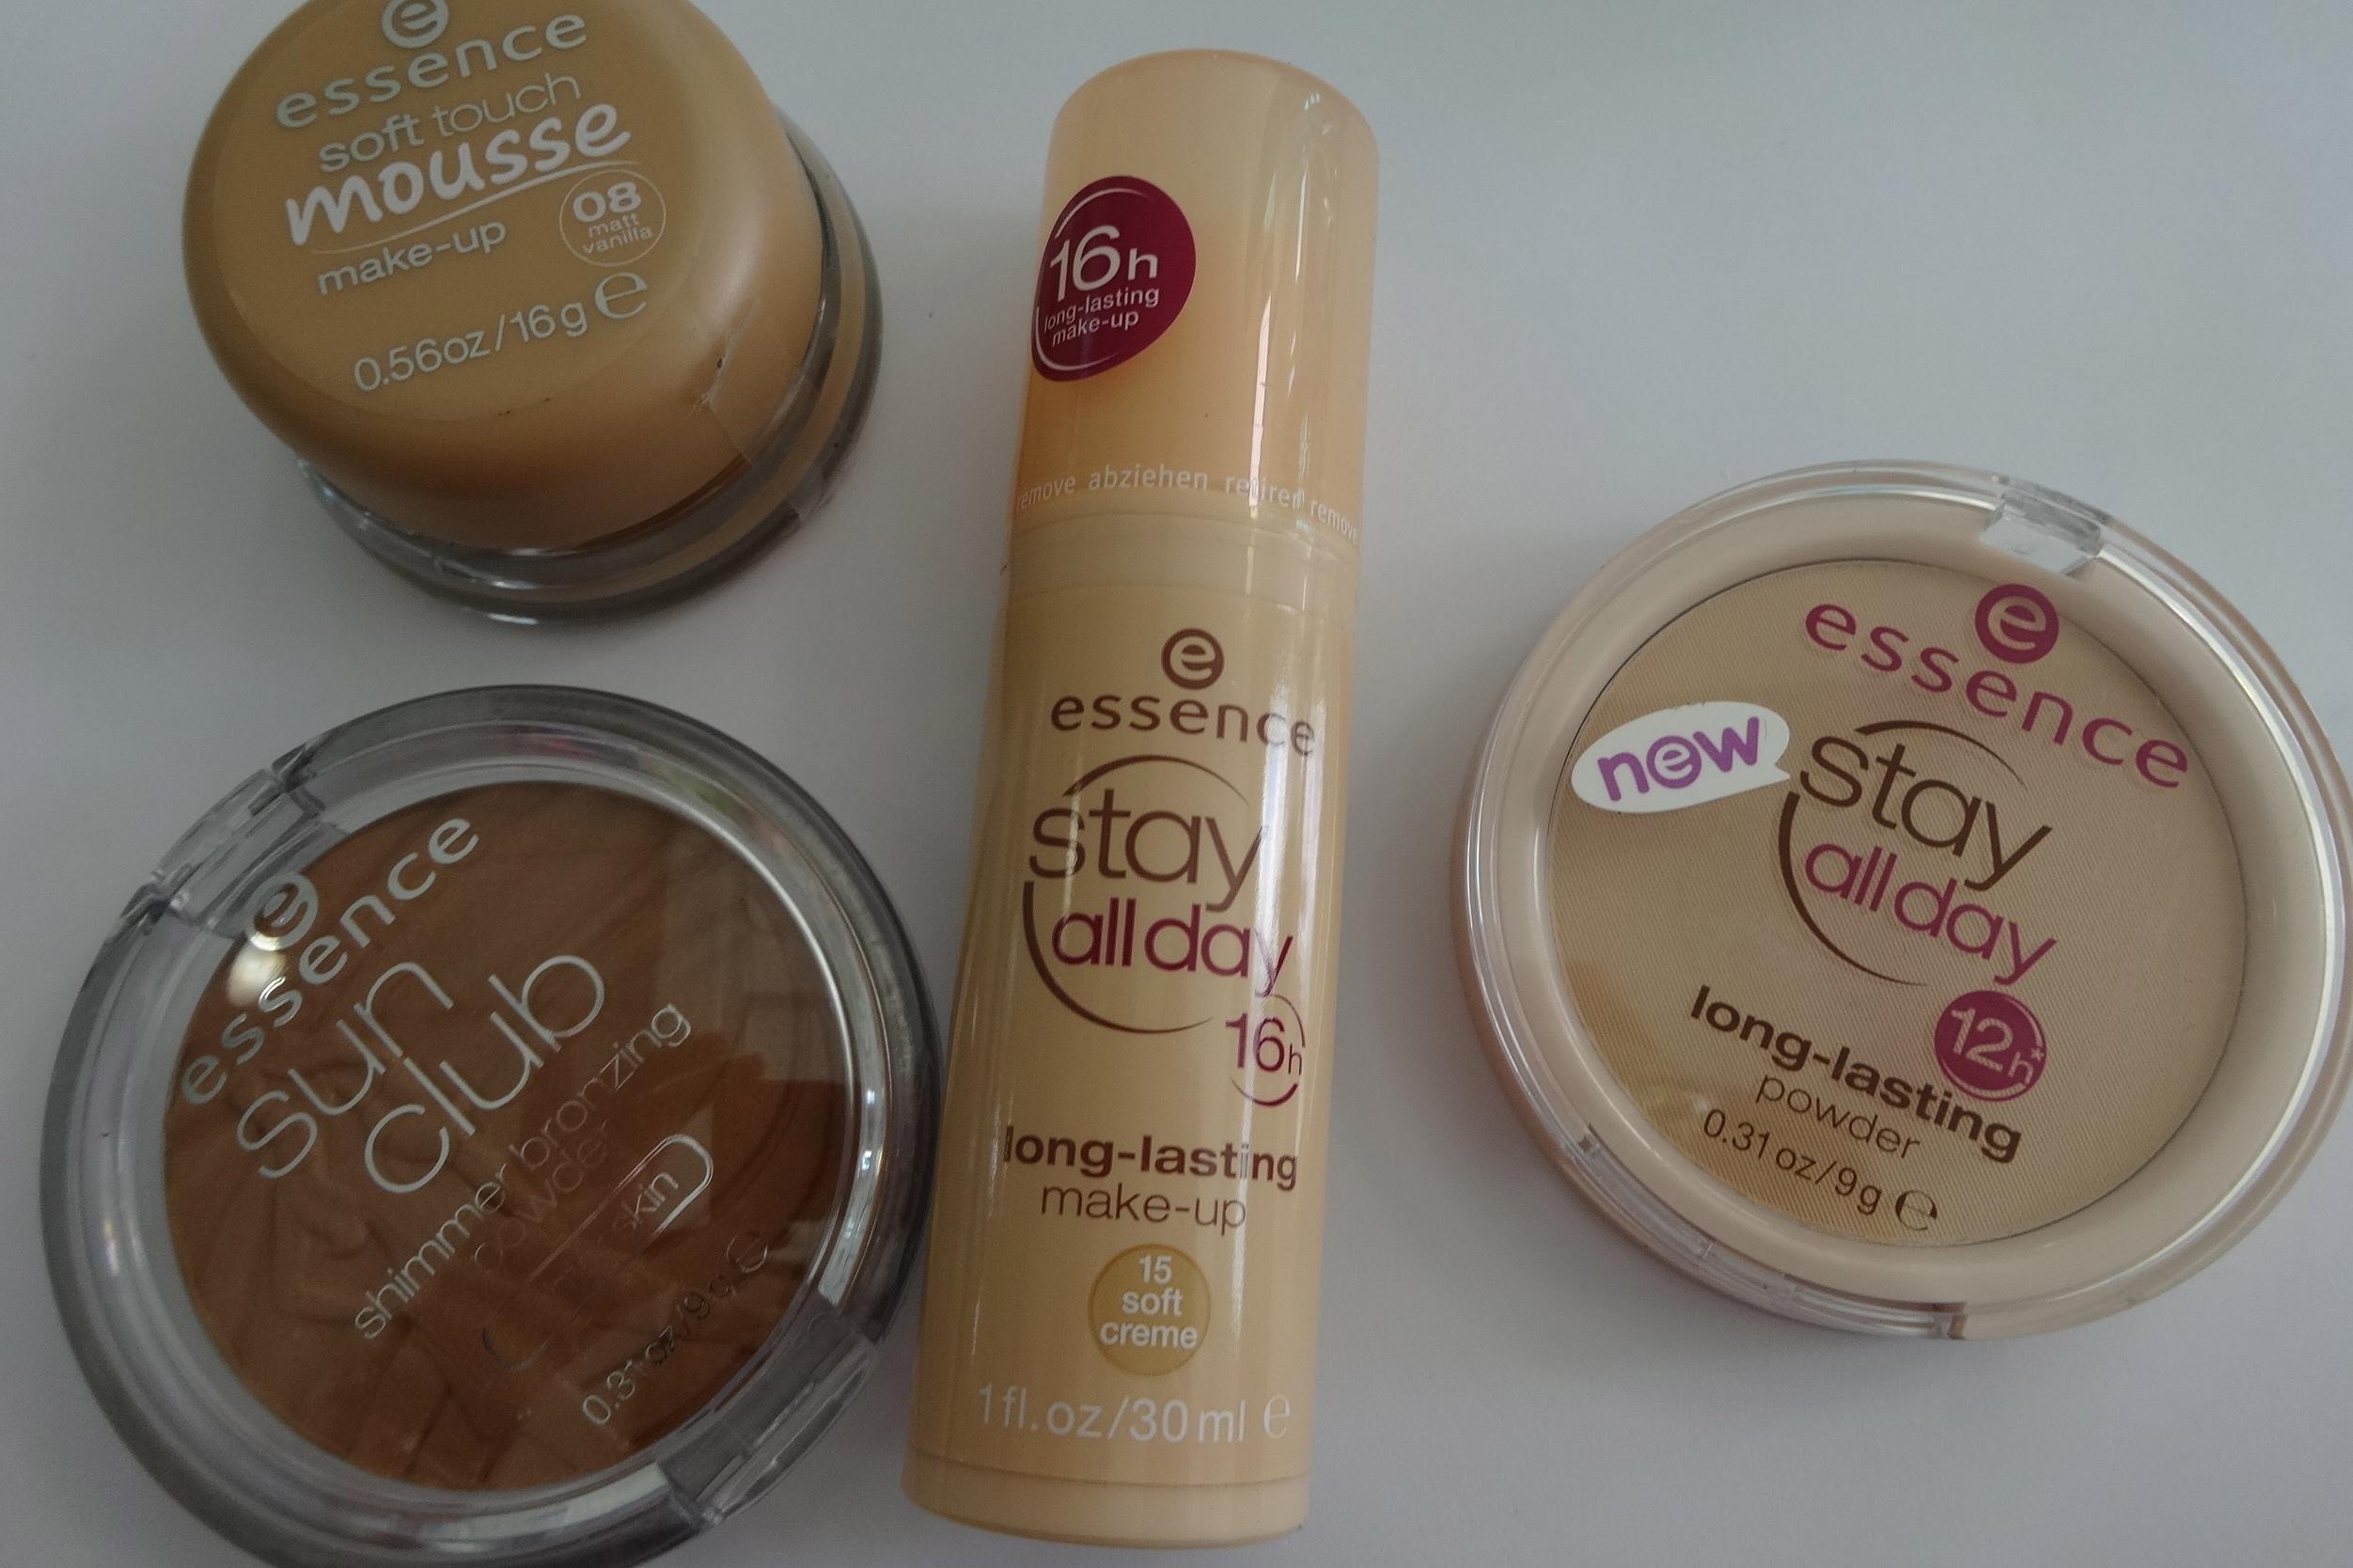 Mousse Make-up, long-lasting make-up, long-lasting powder & bronzing powder